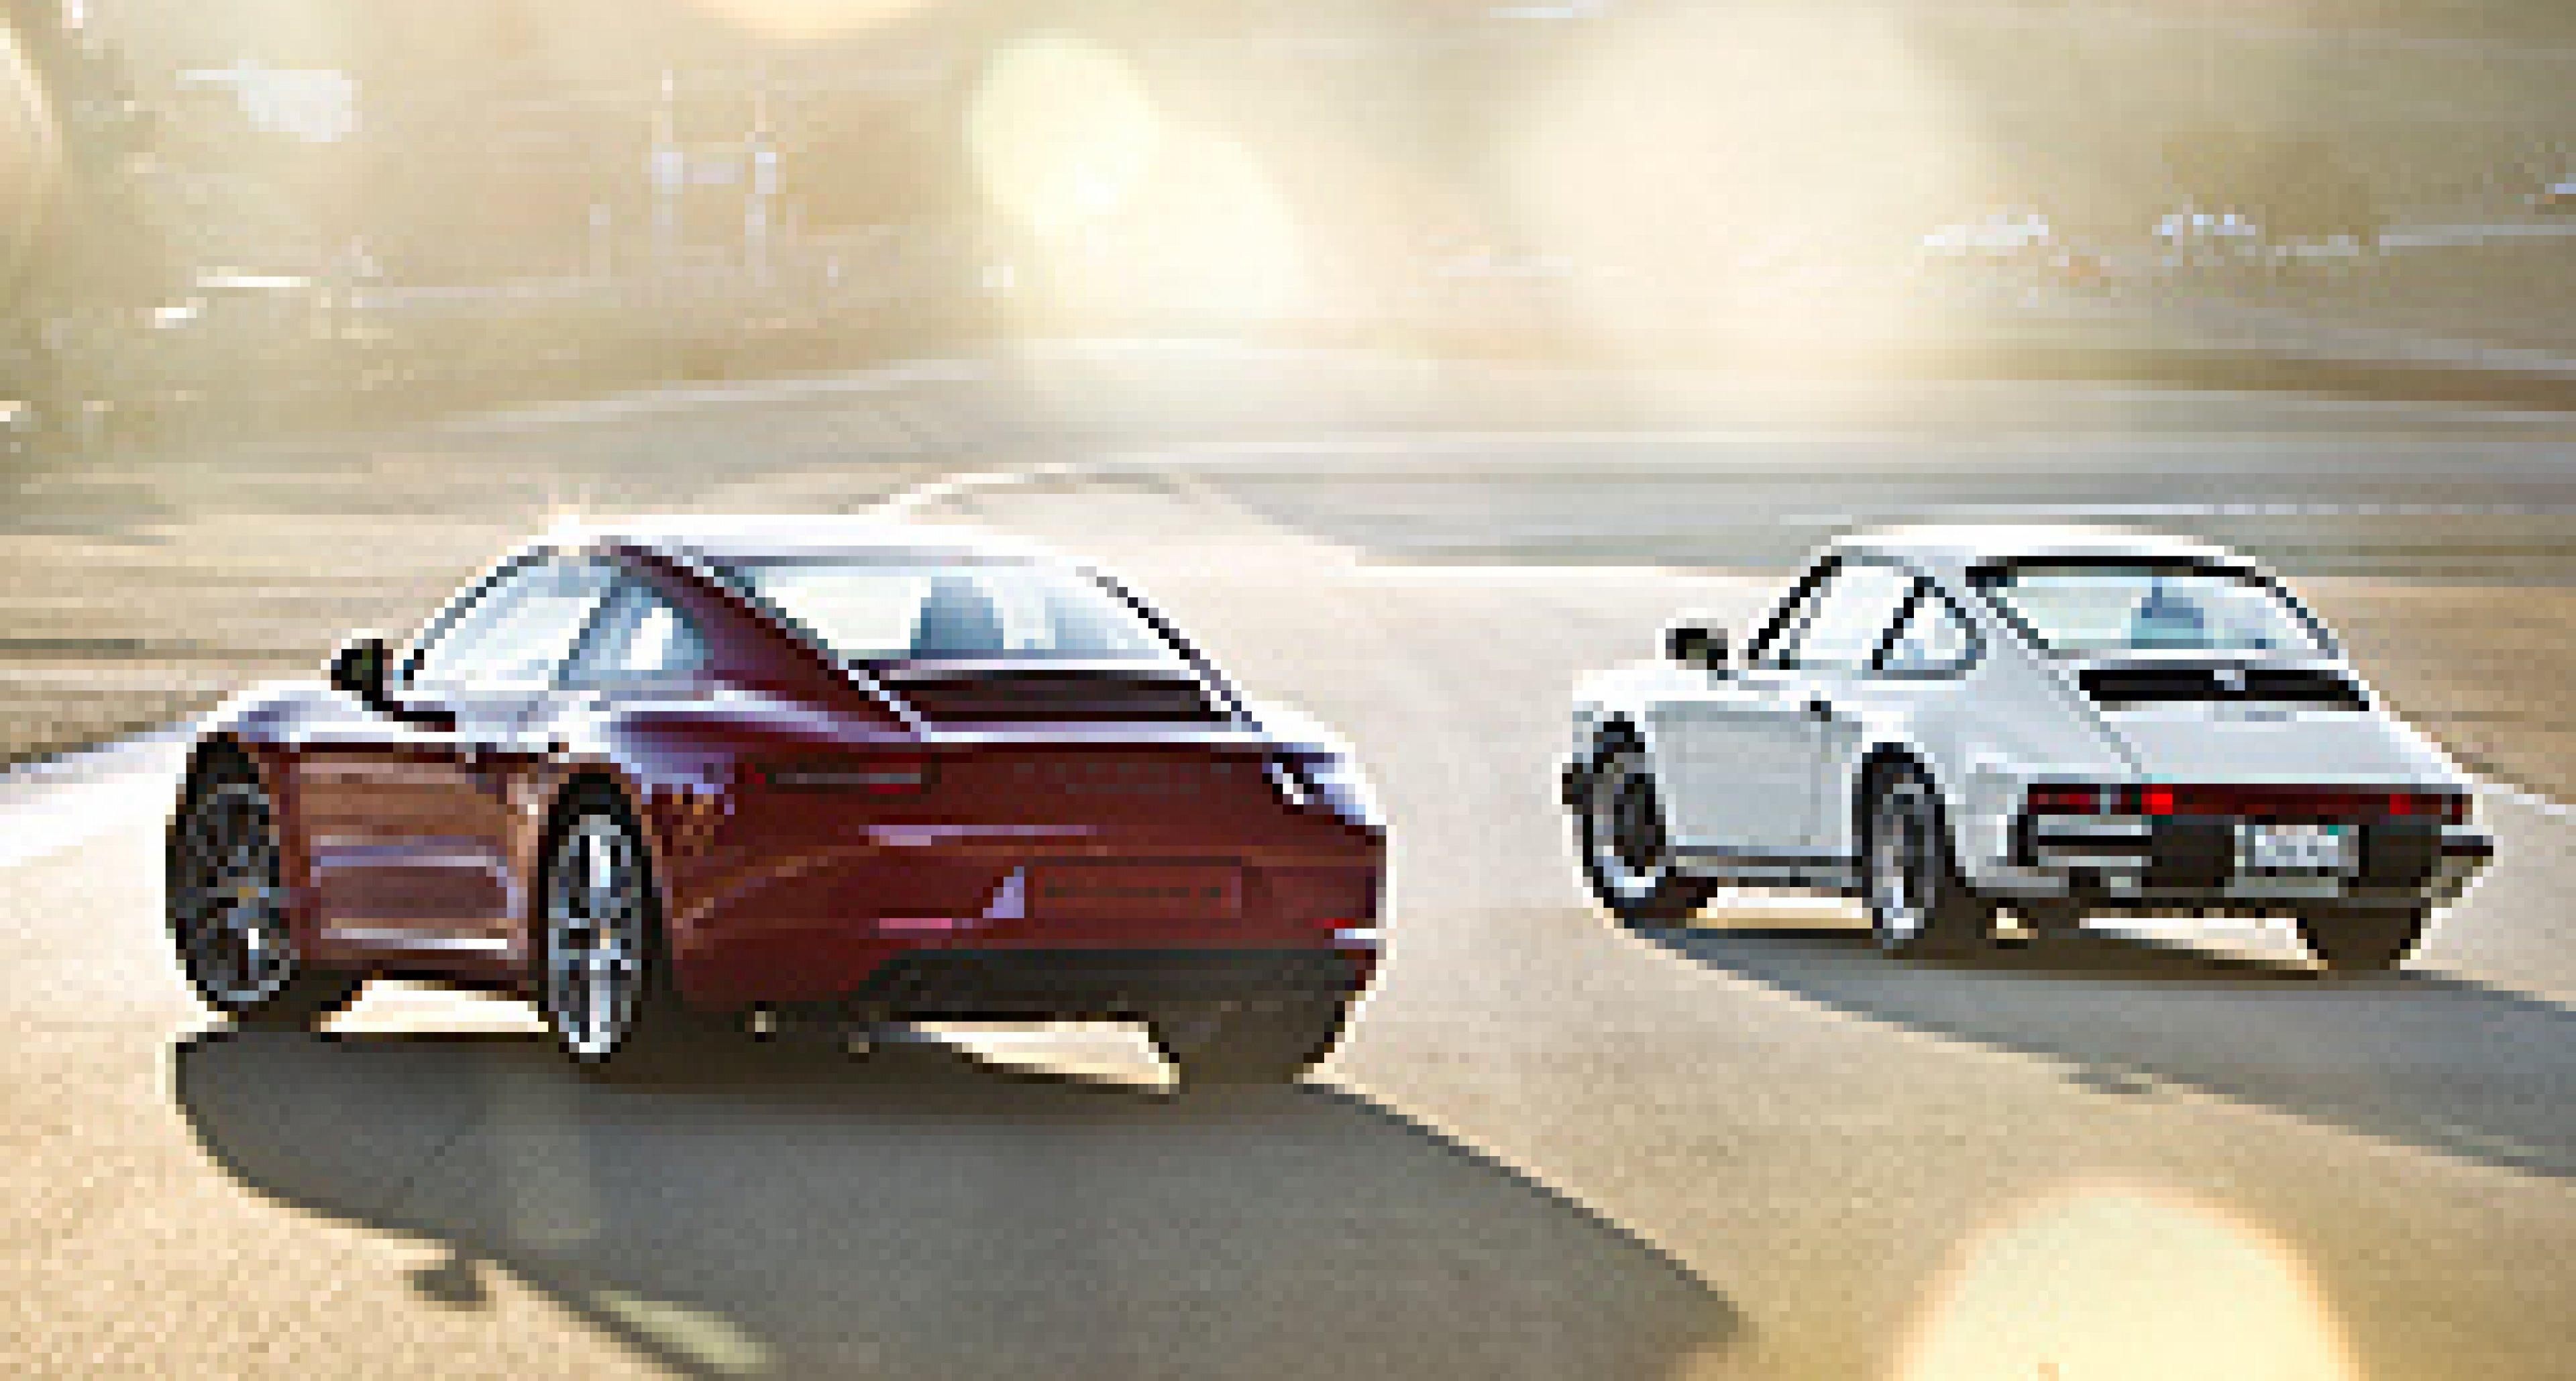 Porsche 911: The generation gap, 'G' meets '991'